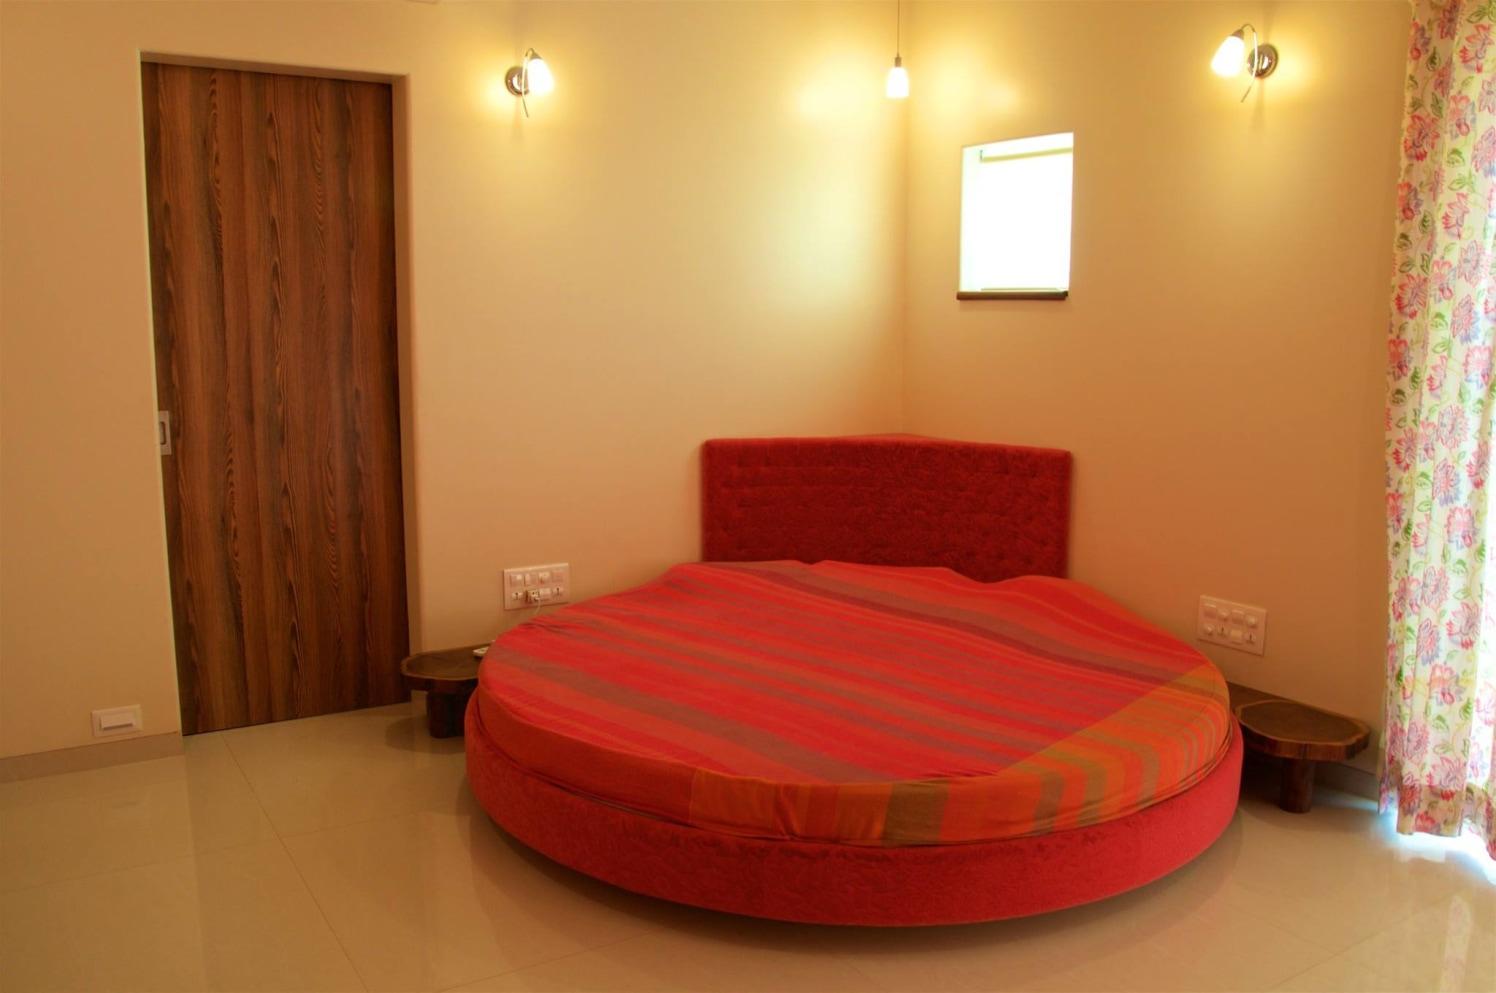 Bedroom by Design Kkarma Bedroom Contemporary | Interior Design Photos & Ideas